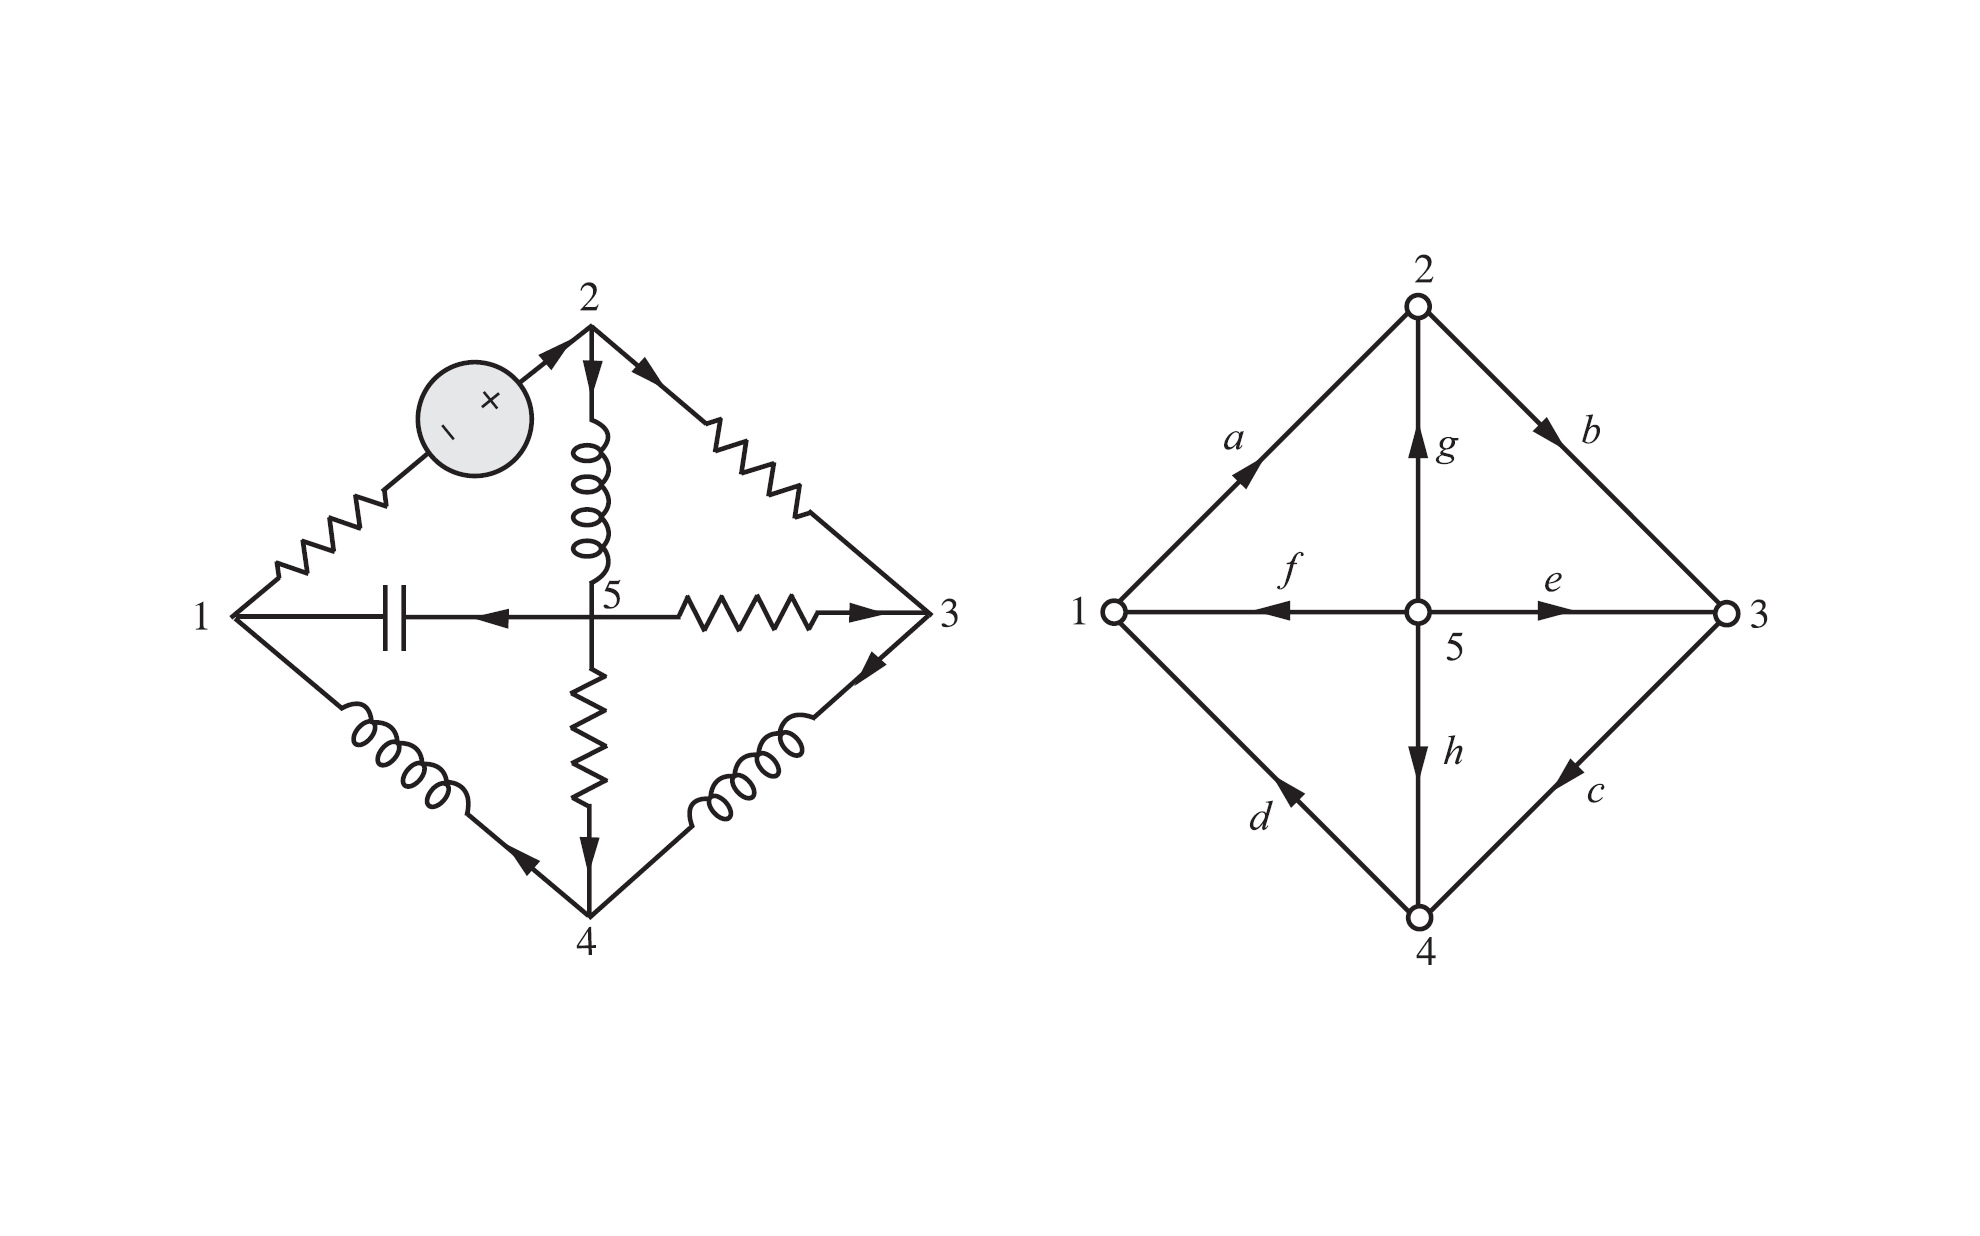 حلقه و کات ست در مدار | به زبان ساده